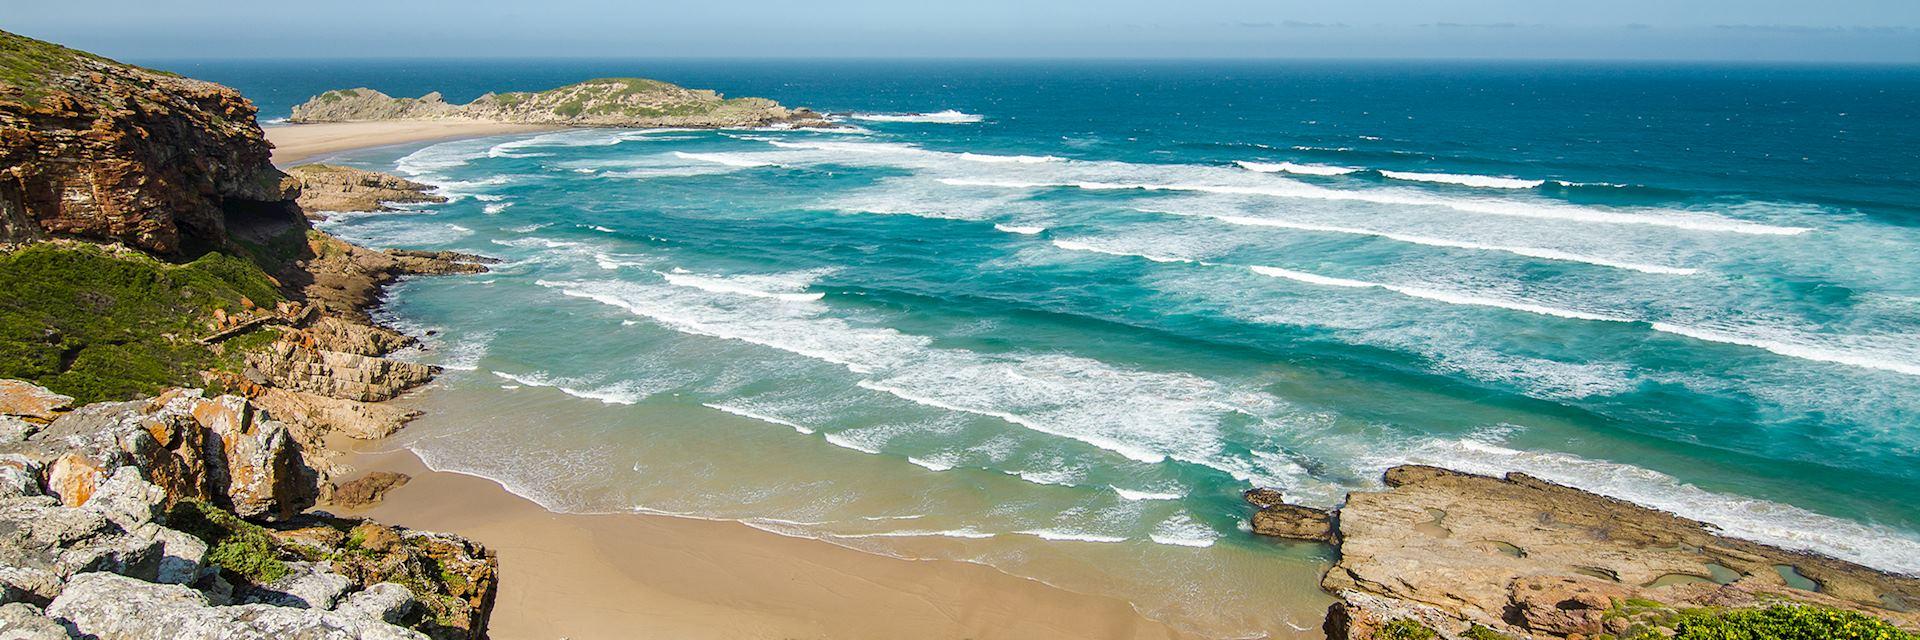 Robberg peninsula beach, Garden Route, South Africa